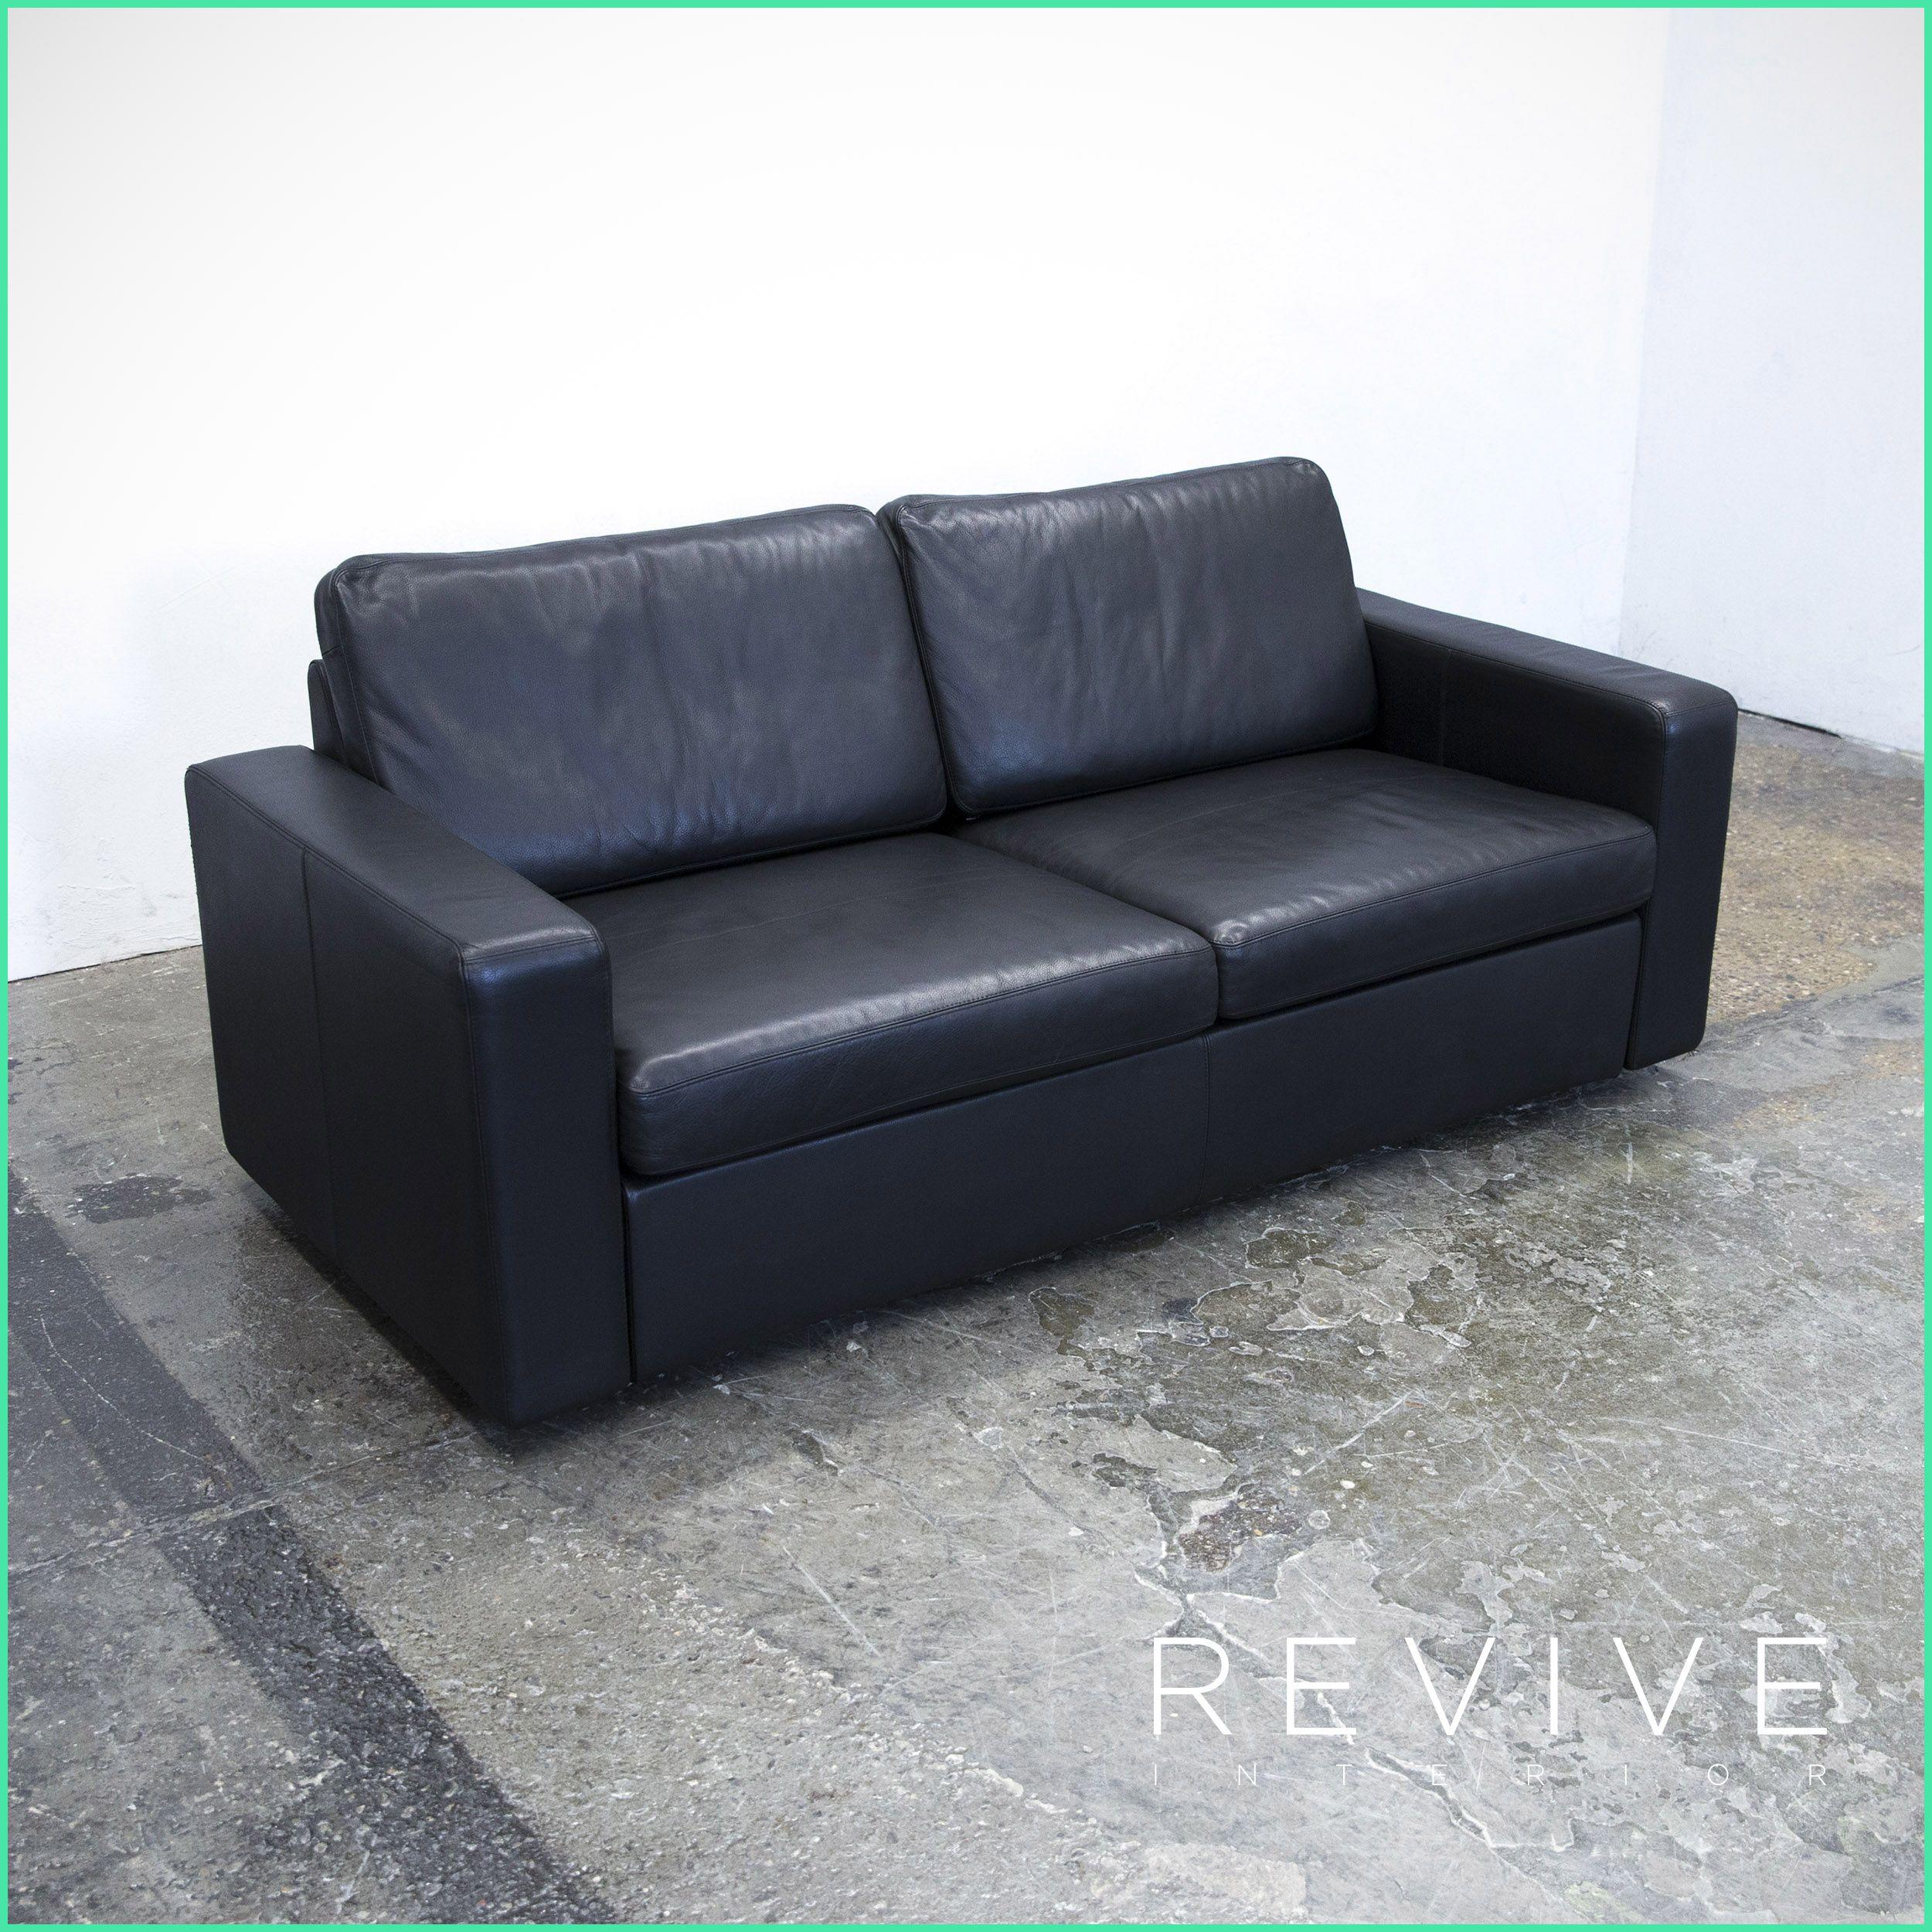 Schlafsofa Leder Zweisitzer Cool Lager Centurion Chesterfield Leder Sofa Dreisitzer Couch Vintage